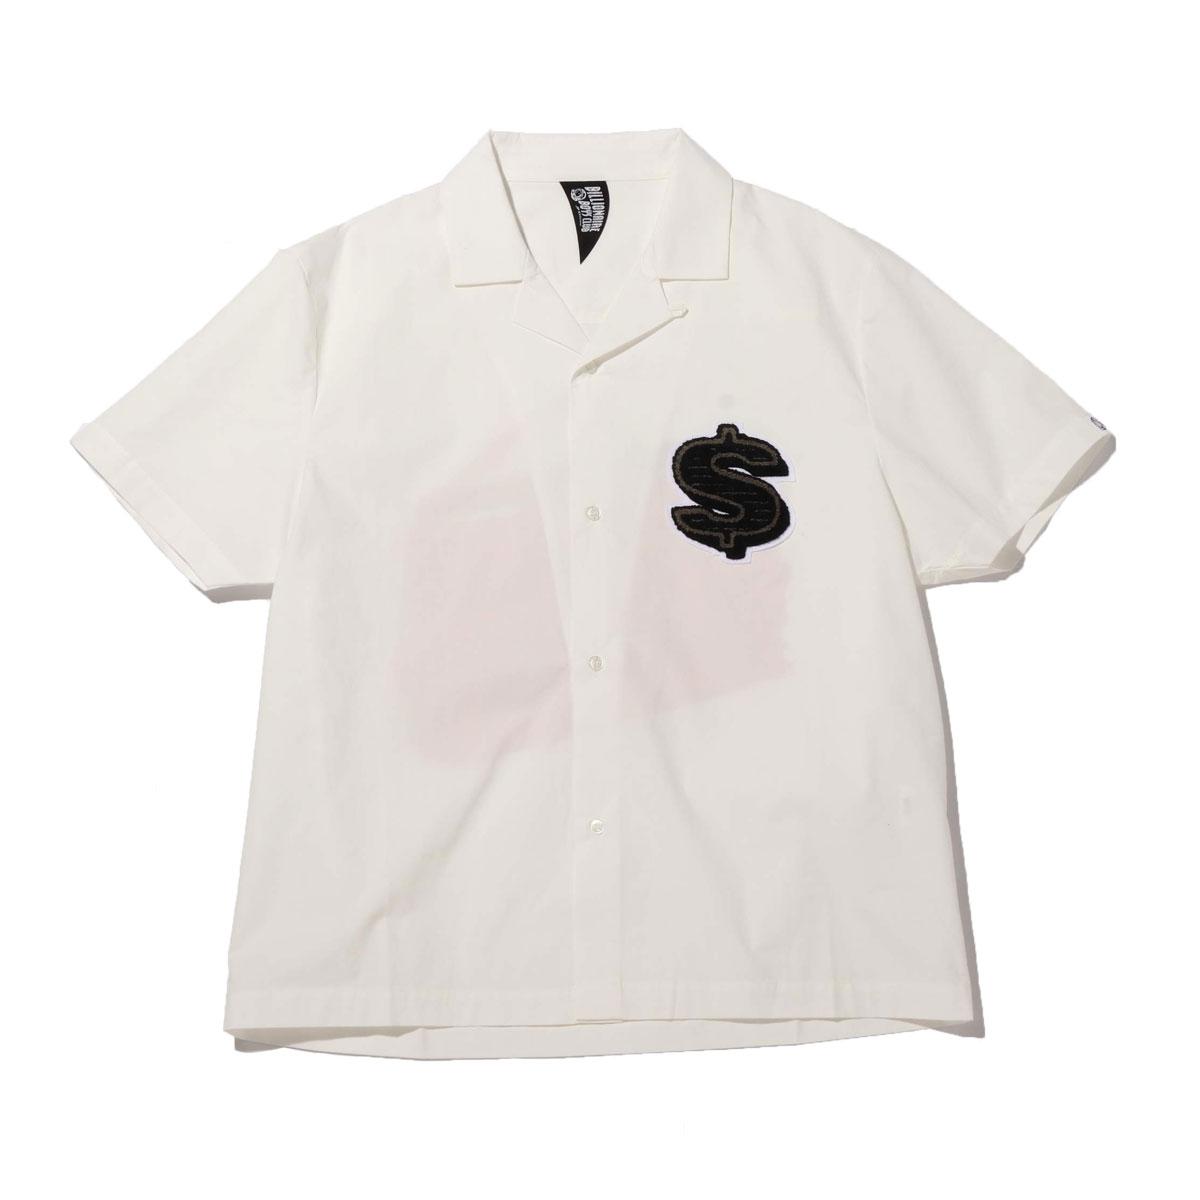 BILLIONAIRE BOYS CLUB CHENILL PATCH DOLLAR S/S OPEN COLLAR SHIRT(WHITE)(ビリオネア ボーイズ クラブ シェニール パッチ ダラー ショートスリーブ オープンカラーシャツ)【メンズ】【シャツ】【20SP-I】